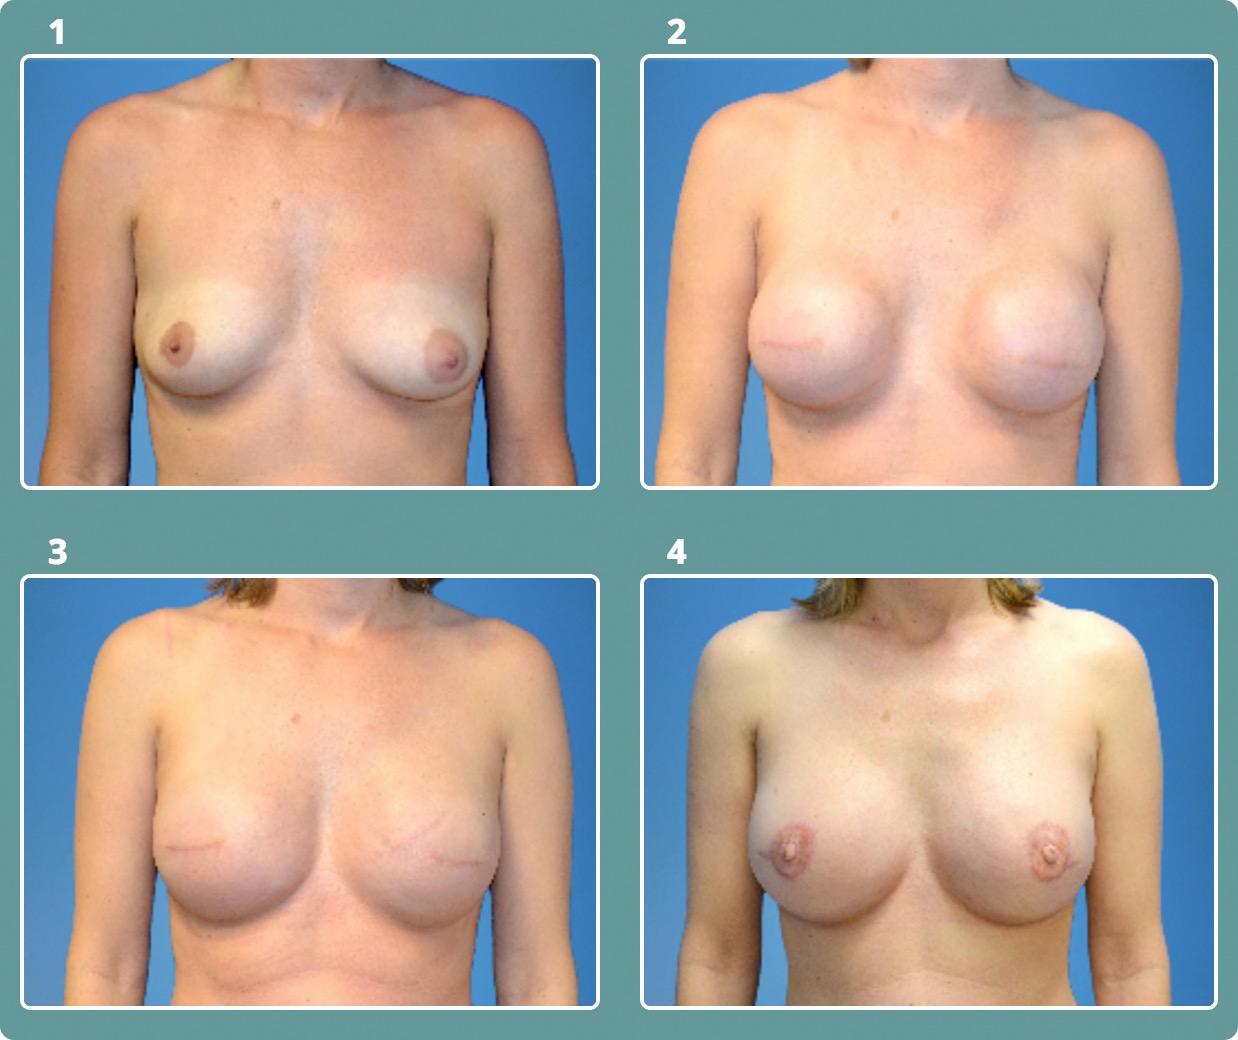 Patient 5, stages 1-4